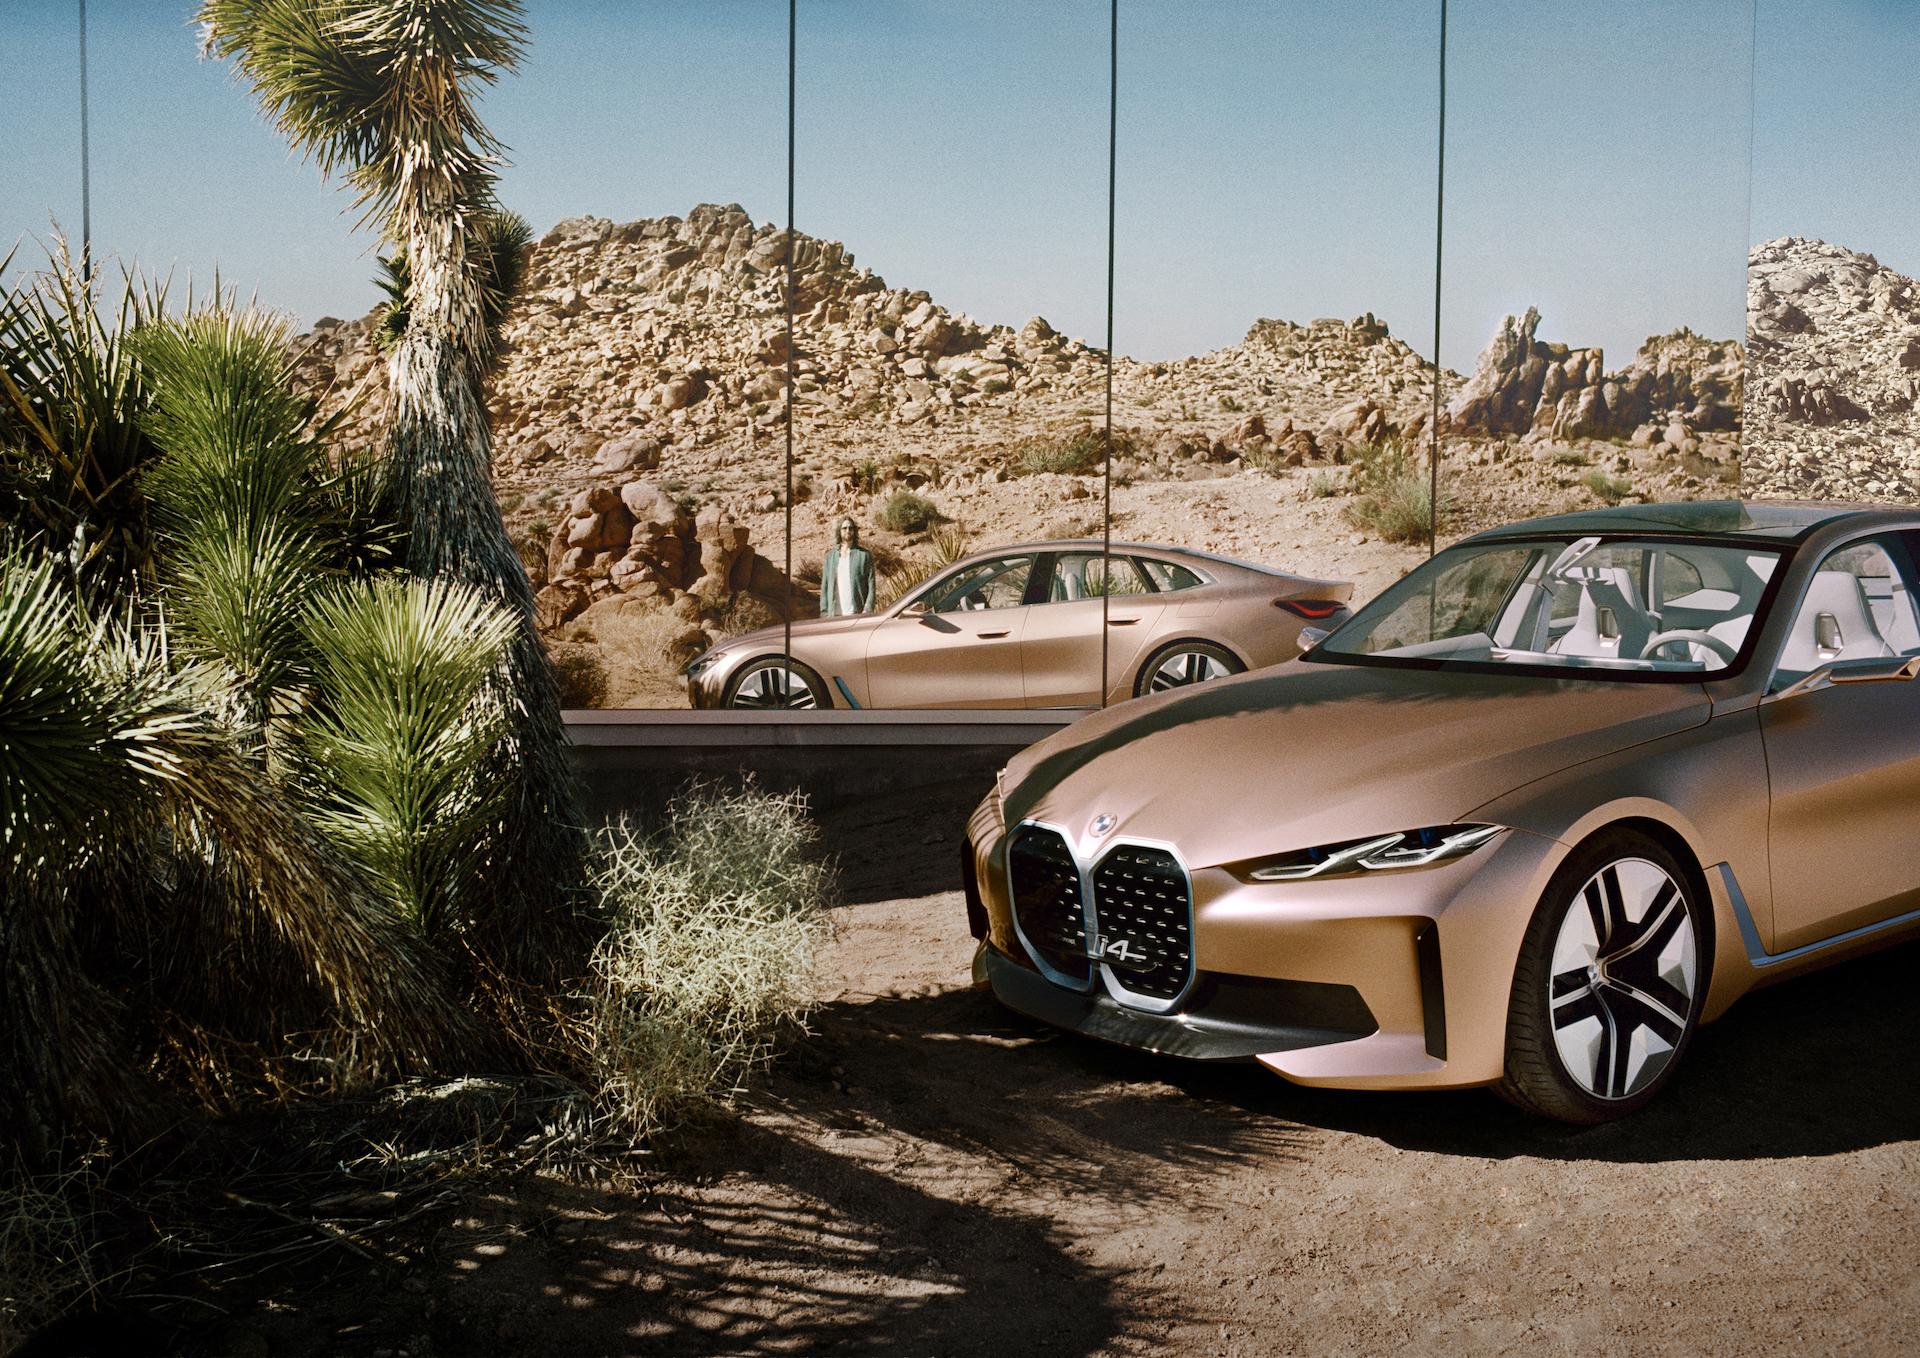 BMW stellt den neuen i4 vor: Ein Gran Coupé mit bis zu 530 PS und 600 km Reichweite 1